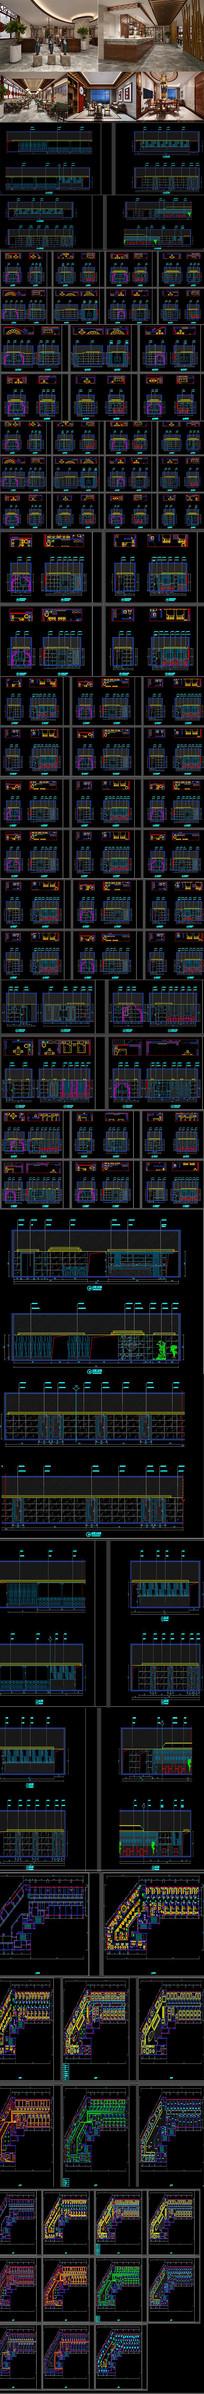 全套新中式茶楼CAD施工图 效果图